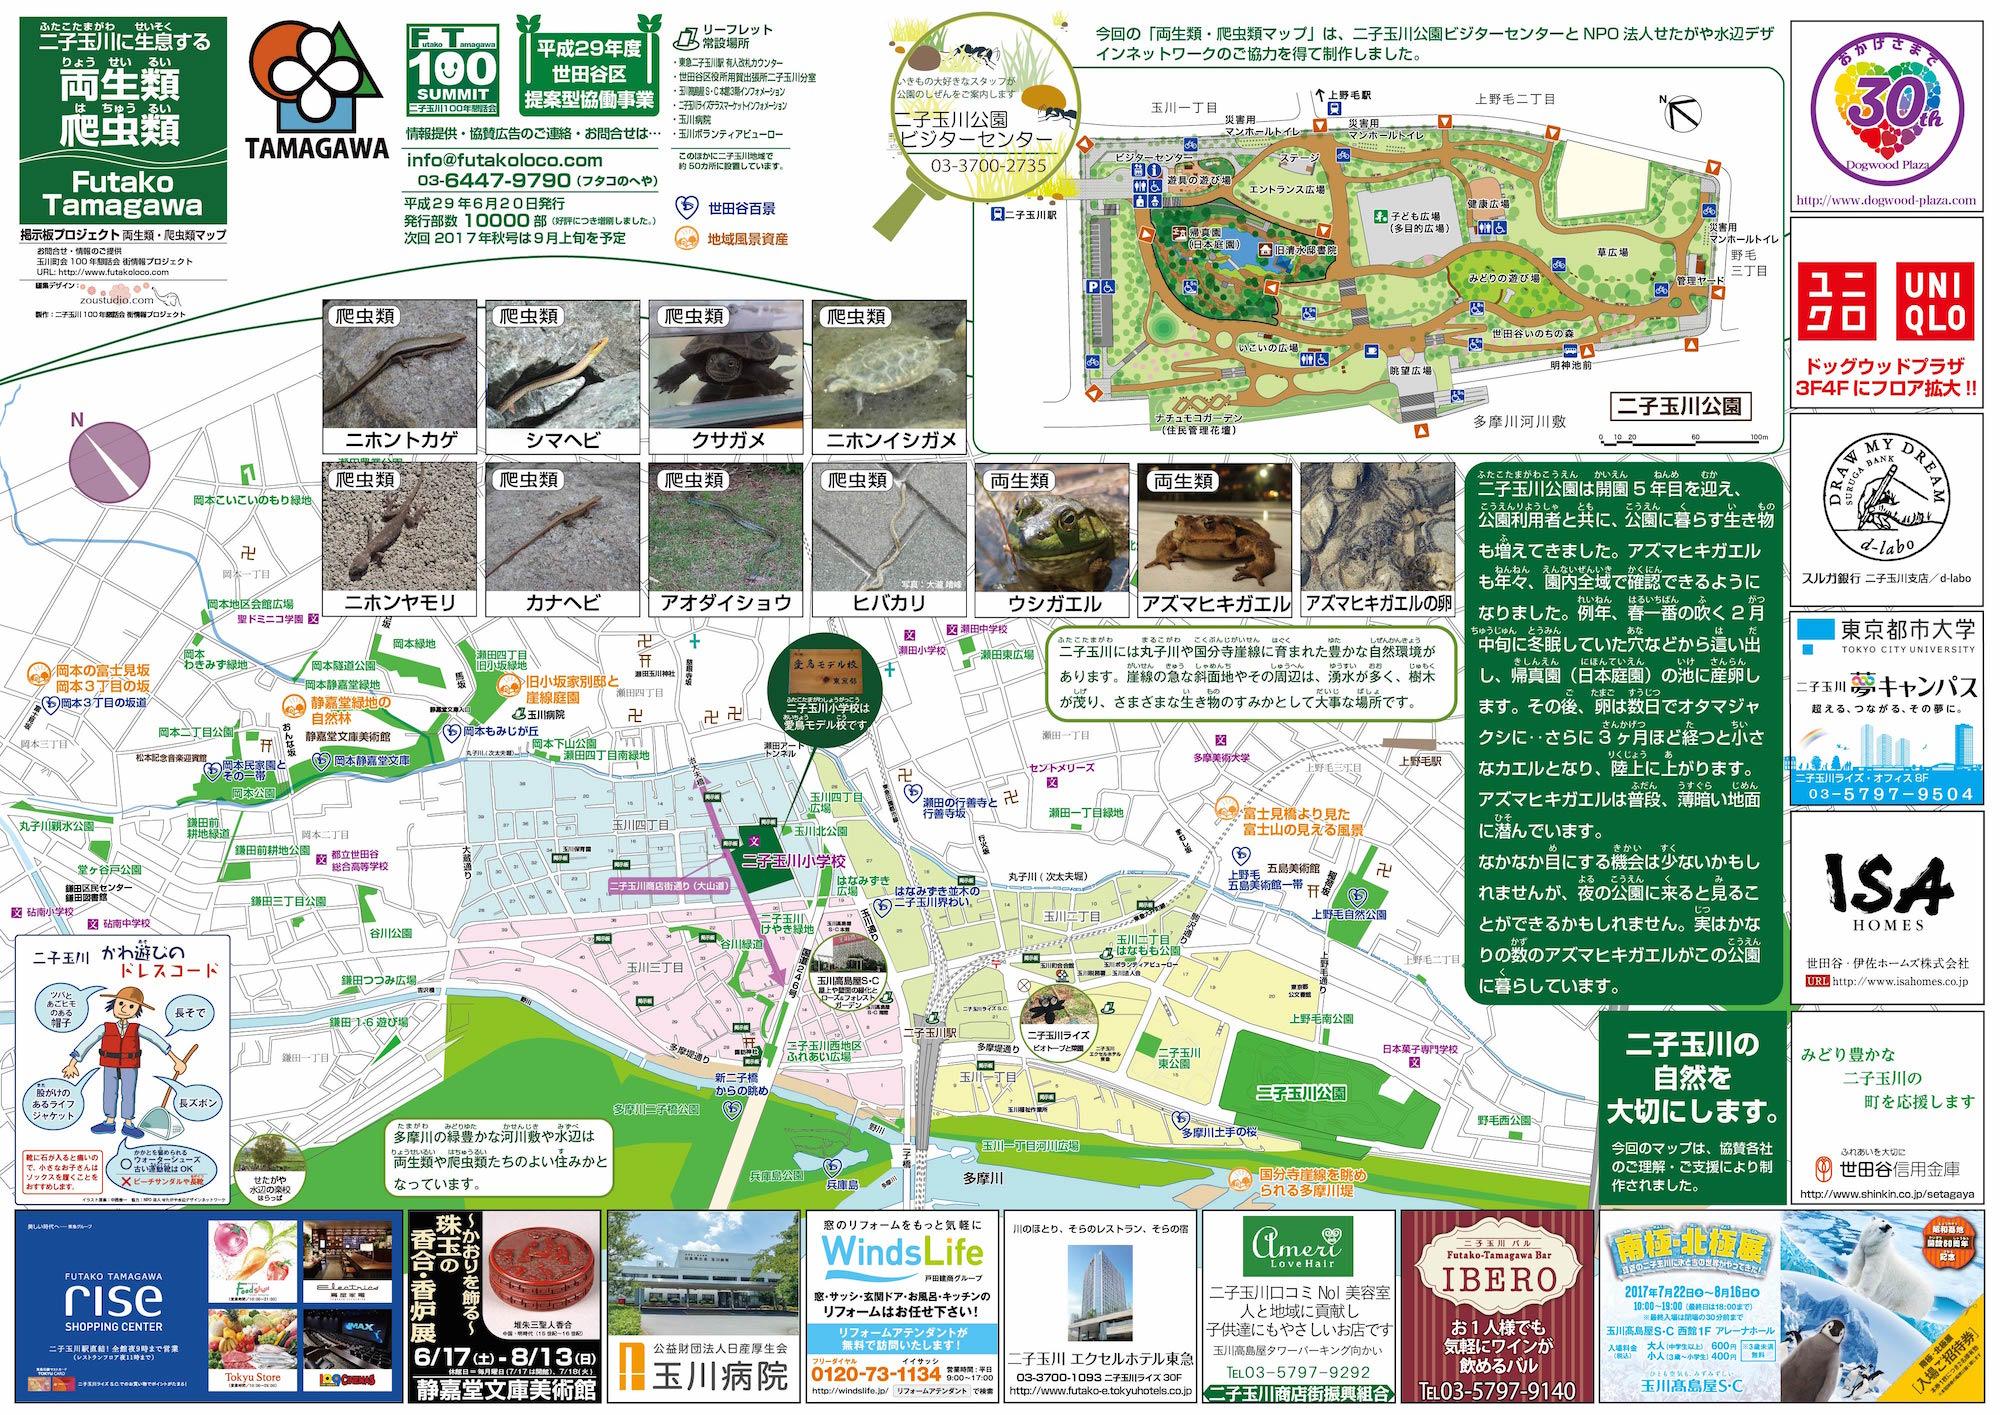 2017年夏号両生類爬虫類マップ